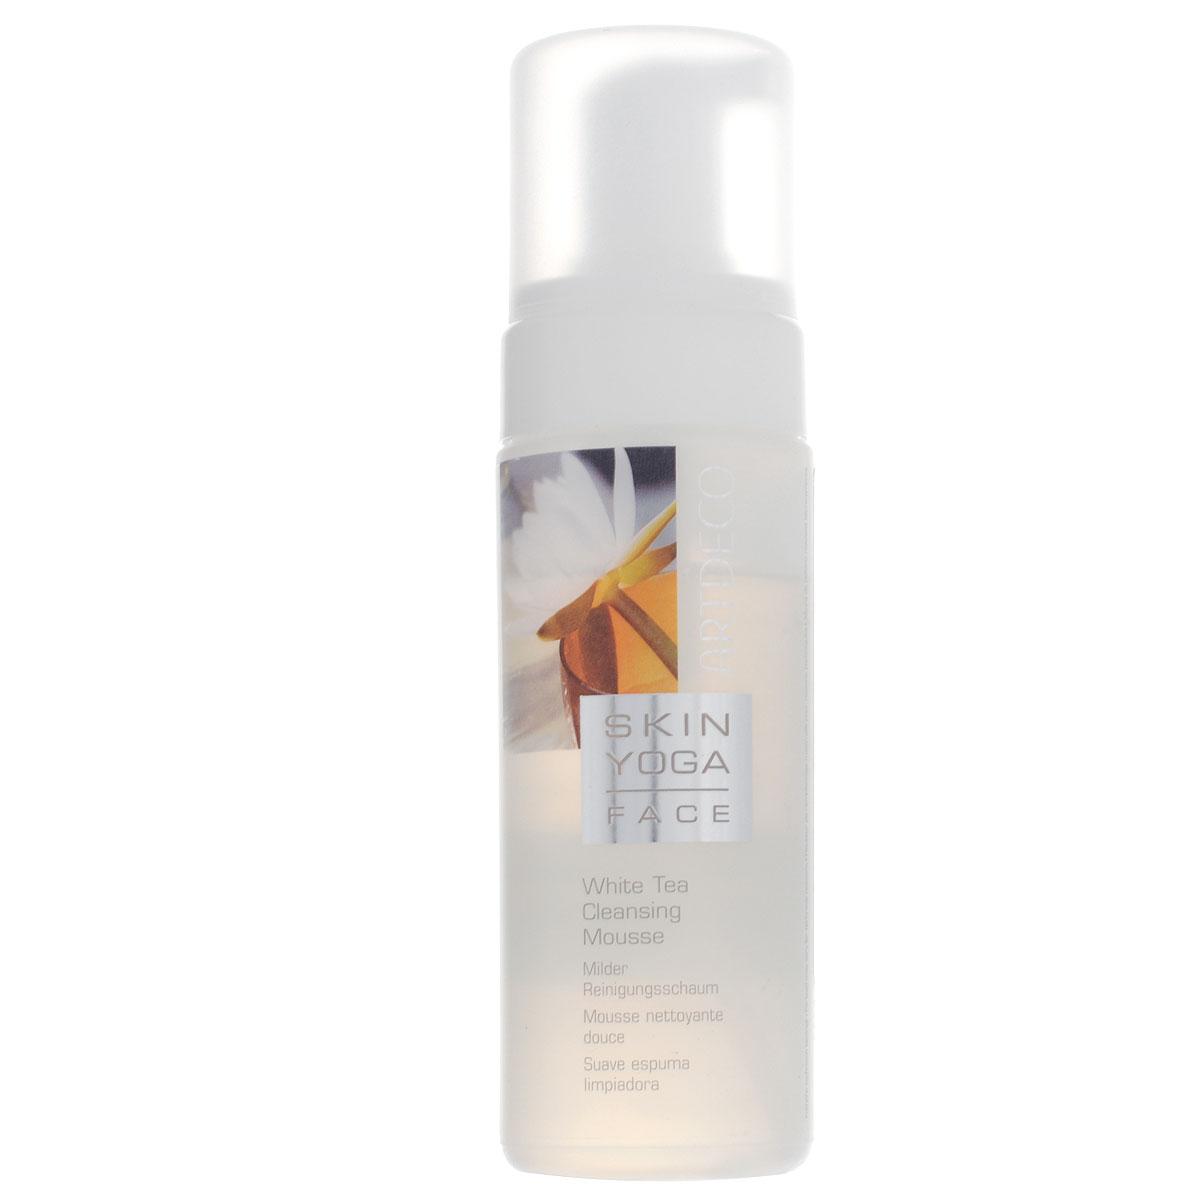 Artdeco Пенка для умывания Skin Yoga, с экстрактом белого чая, 150 мл6401Пенка для умывания Artdeco Skin Yoga - это мягкая, как взбитые сливки пена. Средство тщательно и очень бережно снимает макияж, не высушивая кожу. Кожа становится чистой и гладкой и уже в процессе очищения получает уход. Активный компонент Oxyvital повышает уровень поглощения кислорода клетками кожи, а экстракт белого чая увлажняет и успокаивает кожу. Подходит для всех типов кожи.Товар сертифицирован.